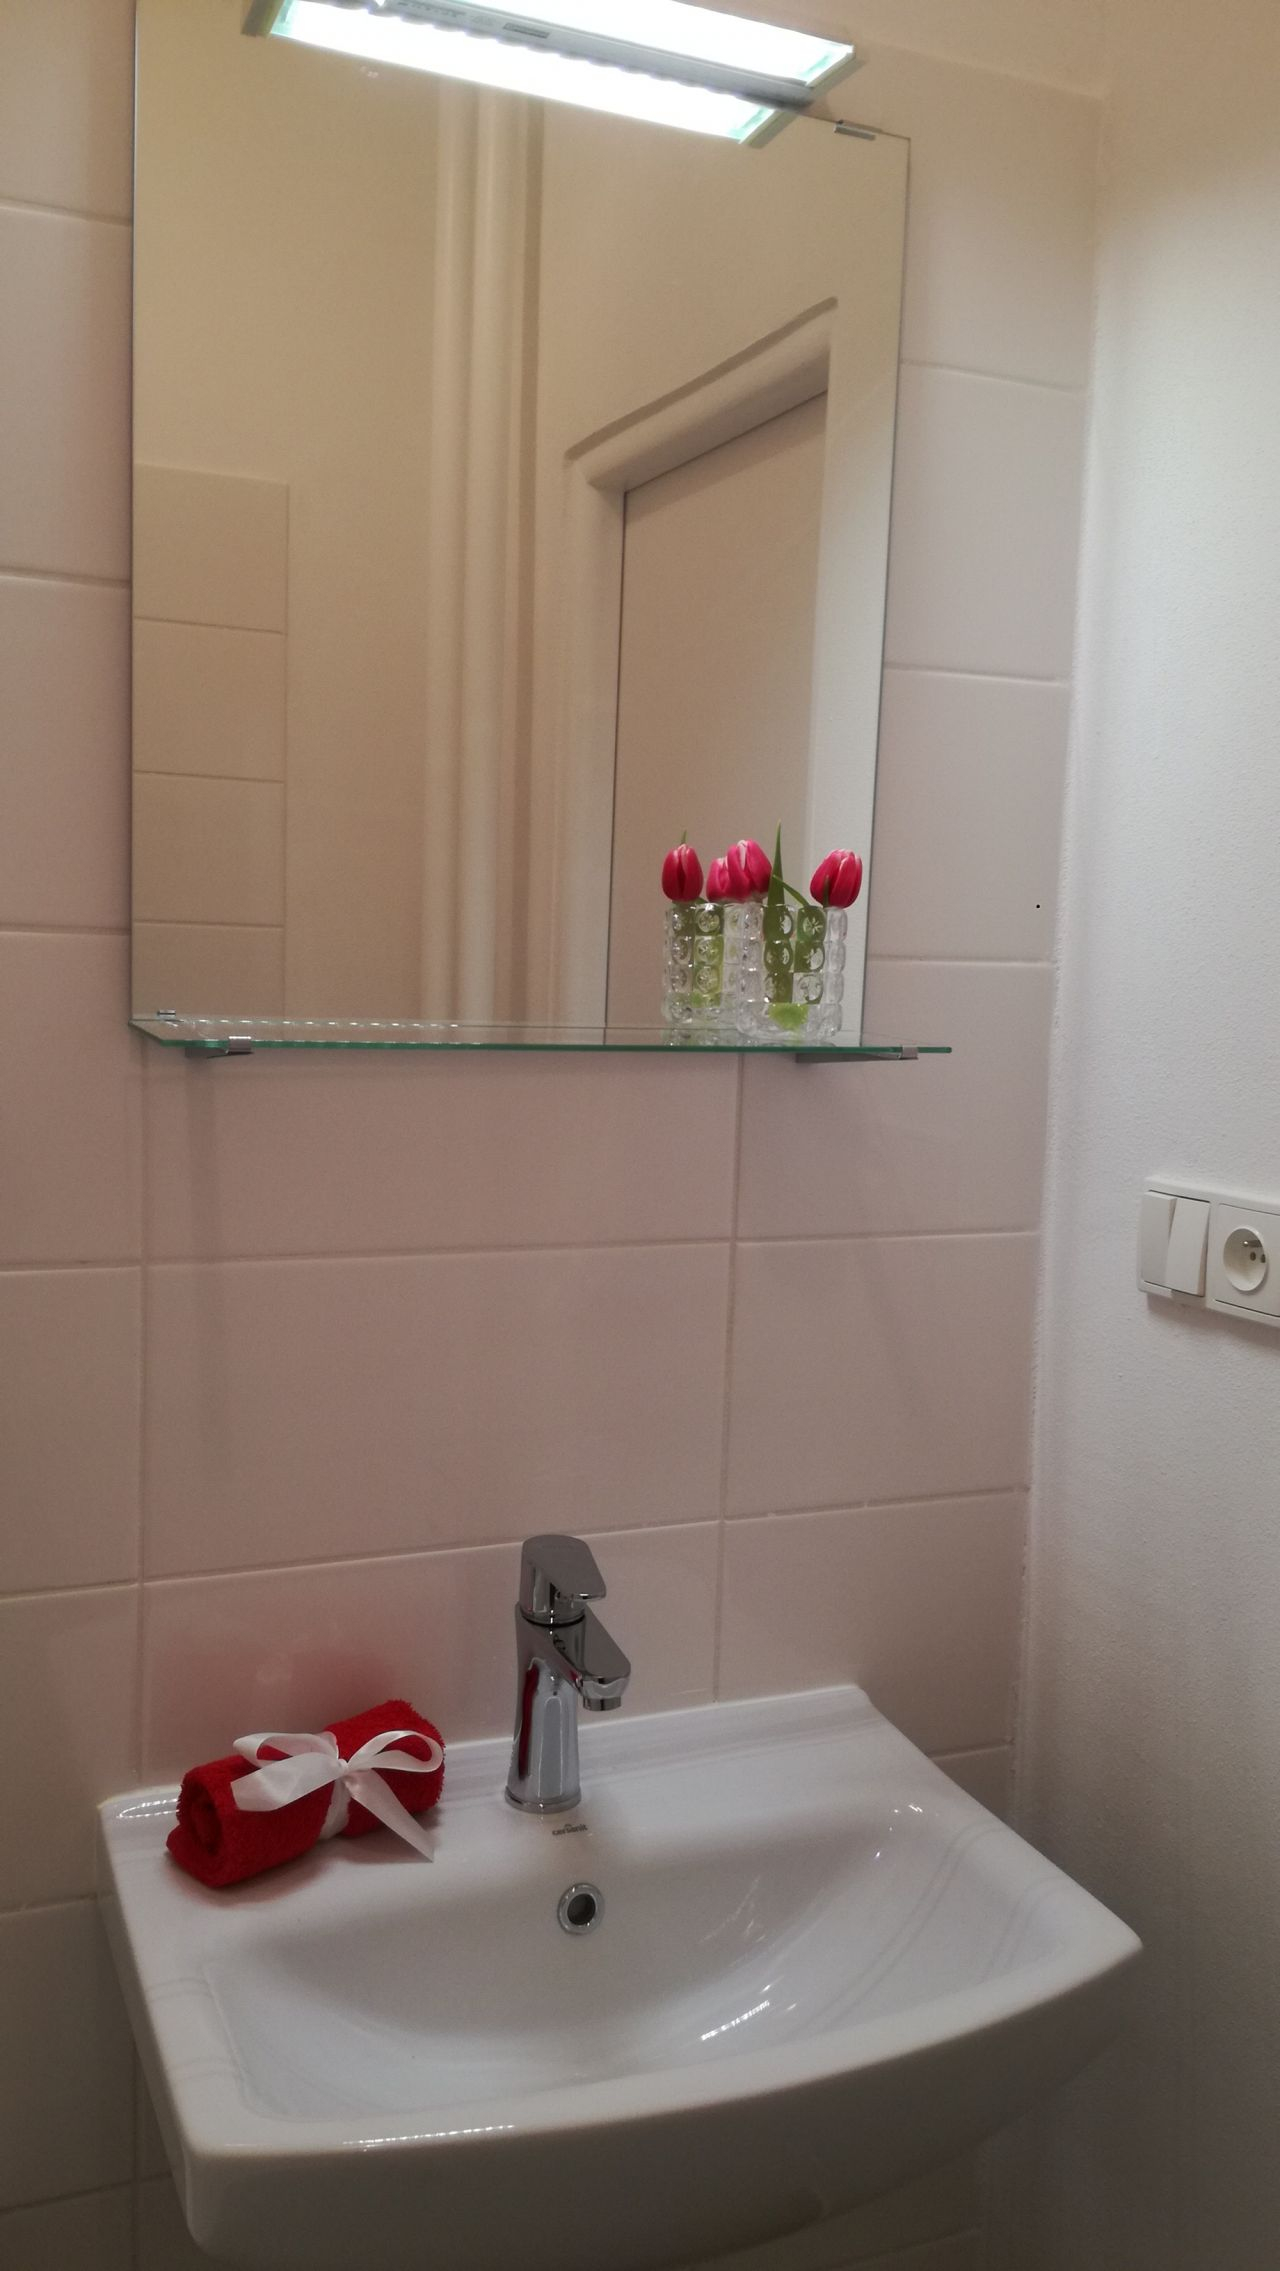 Pronájem bytu 2+1 56 m2, ul. Výškovická 2553/94, Ostrava - Zábřeh